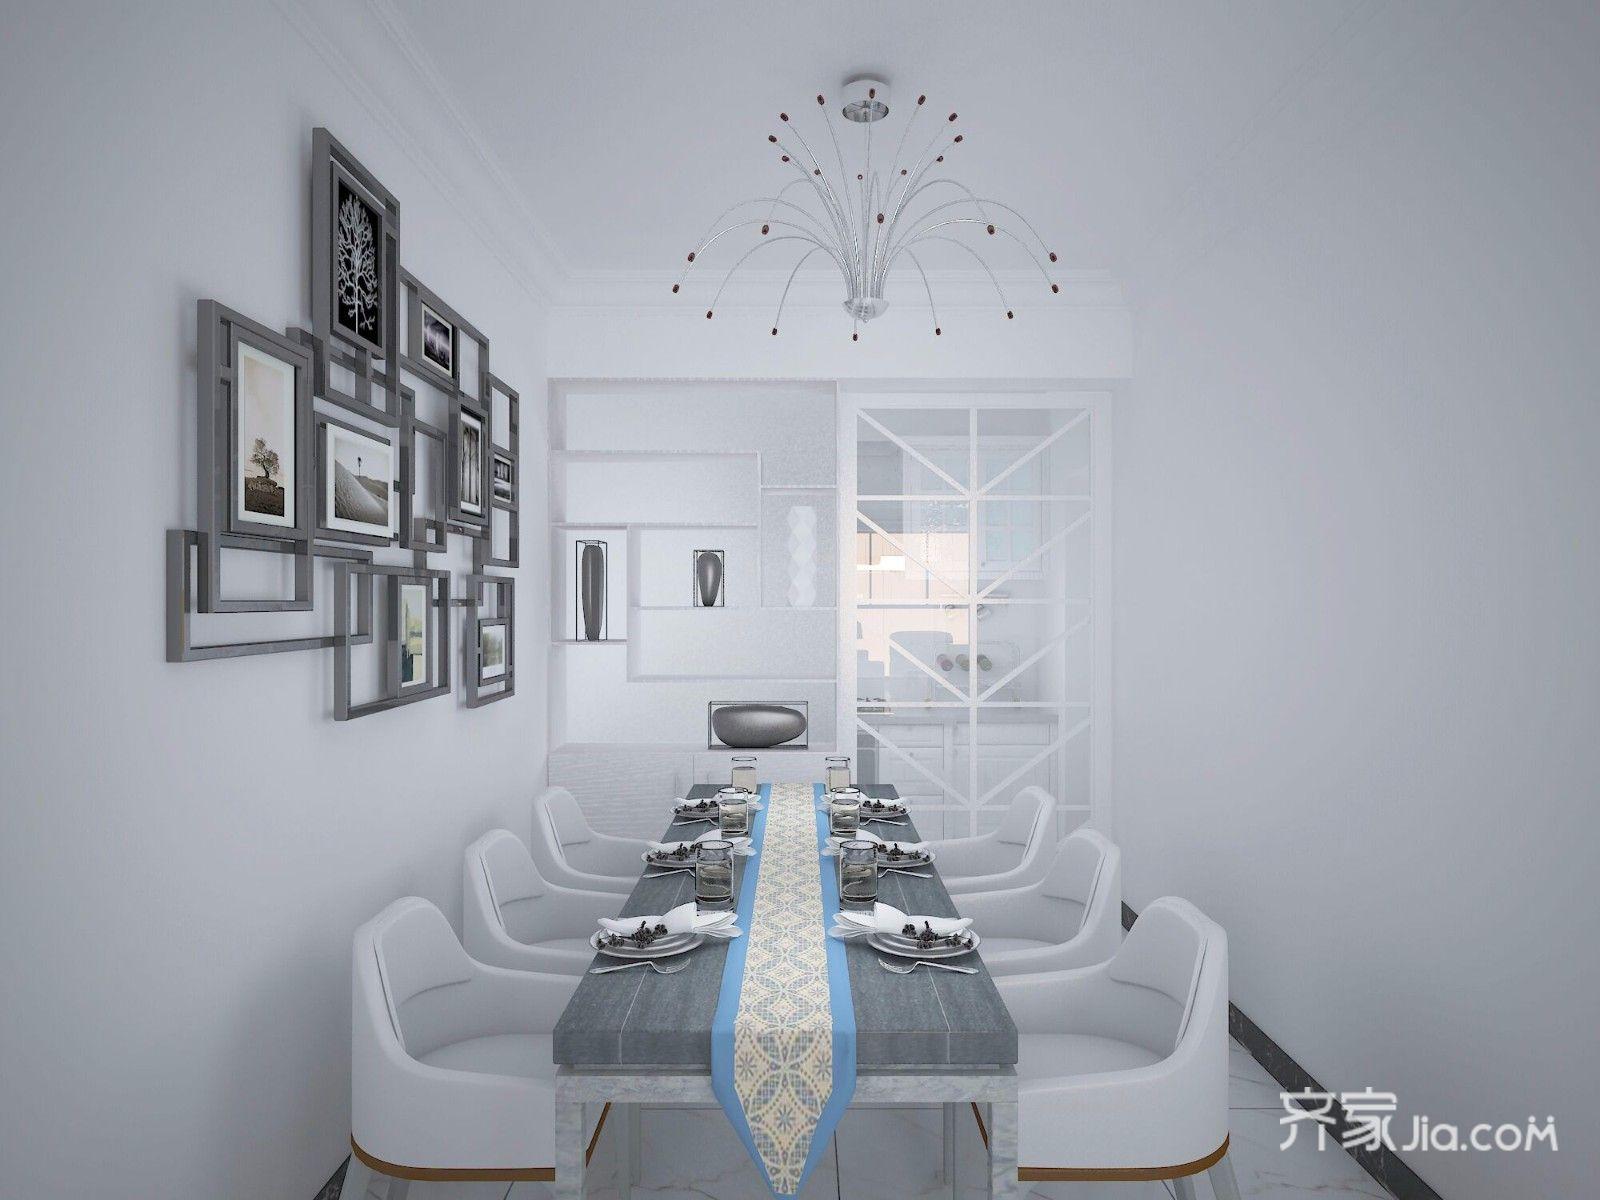 110㎡现代风格三居餐厅装修效果图